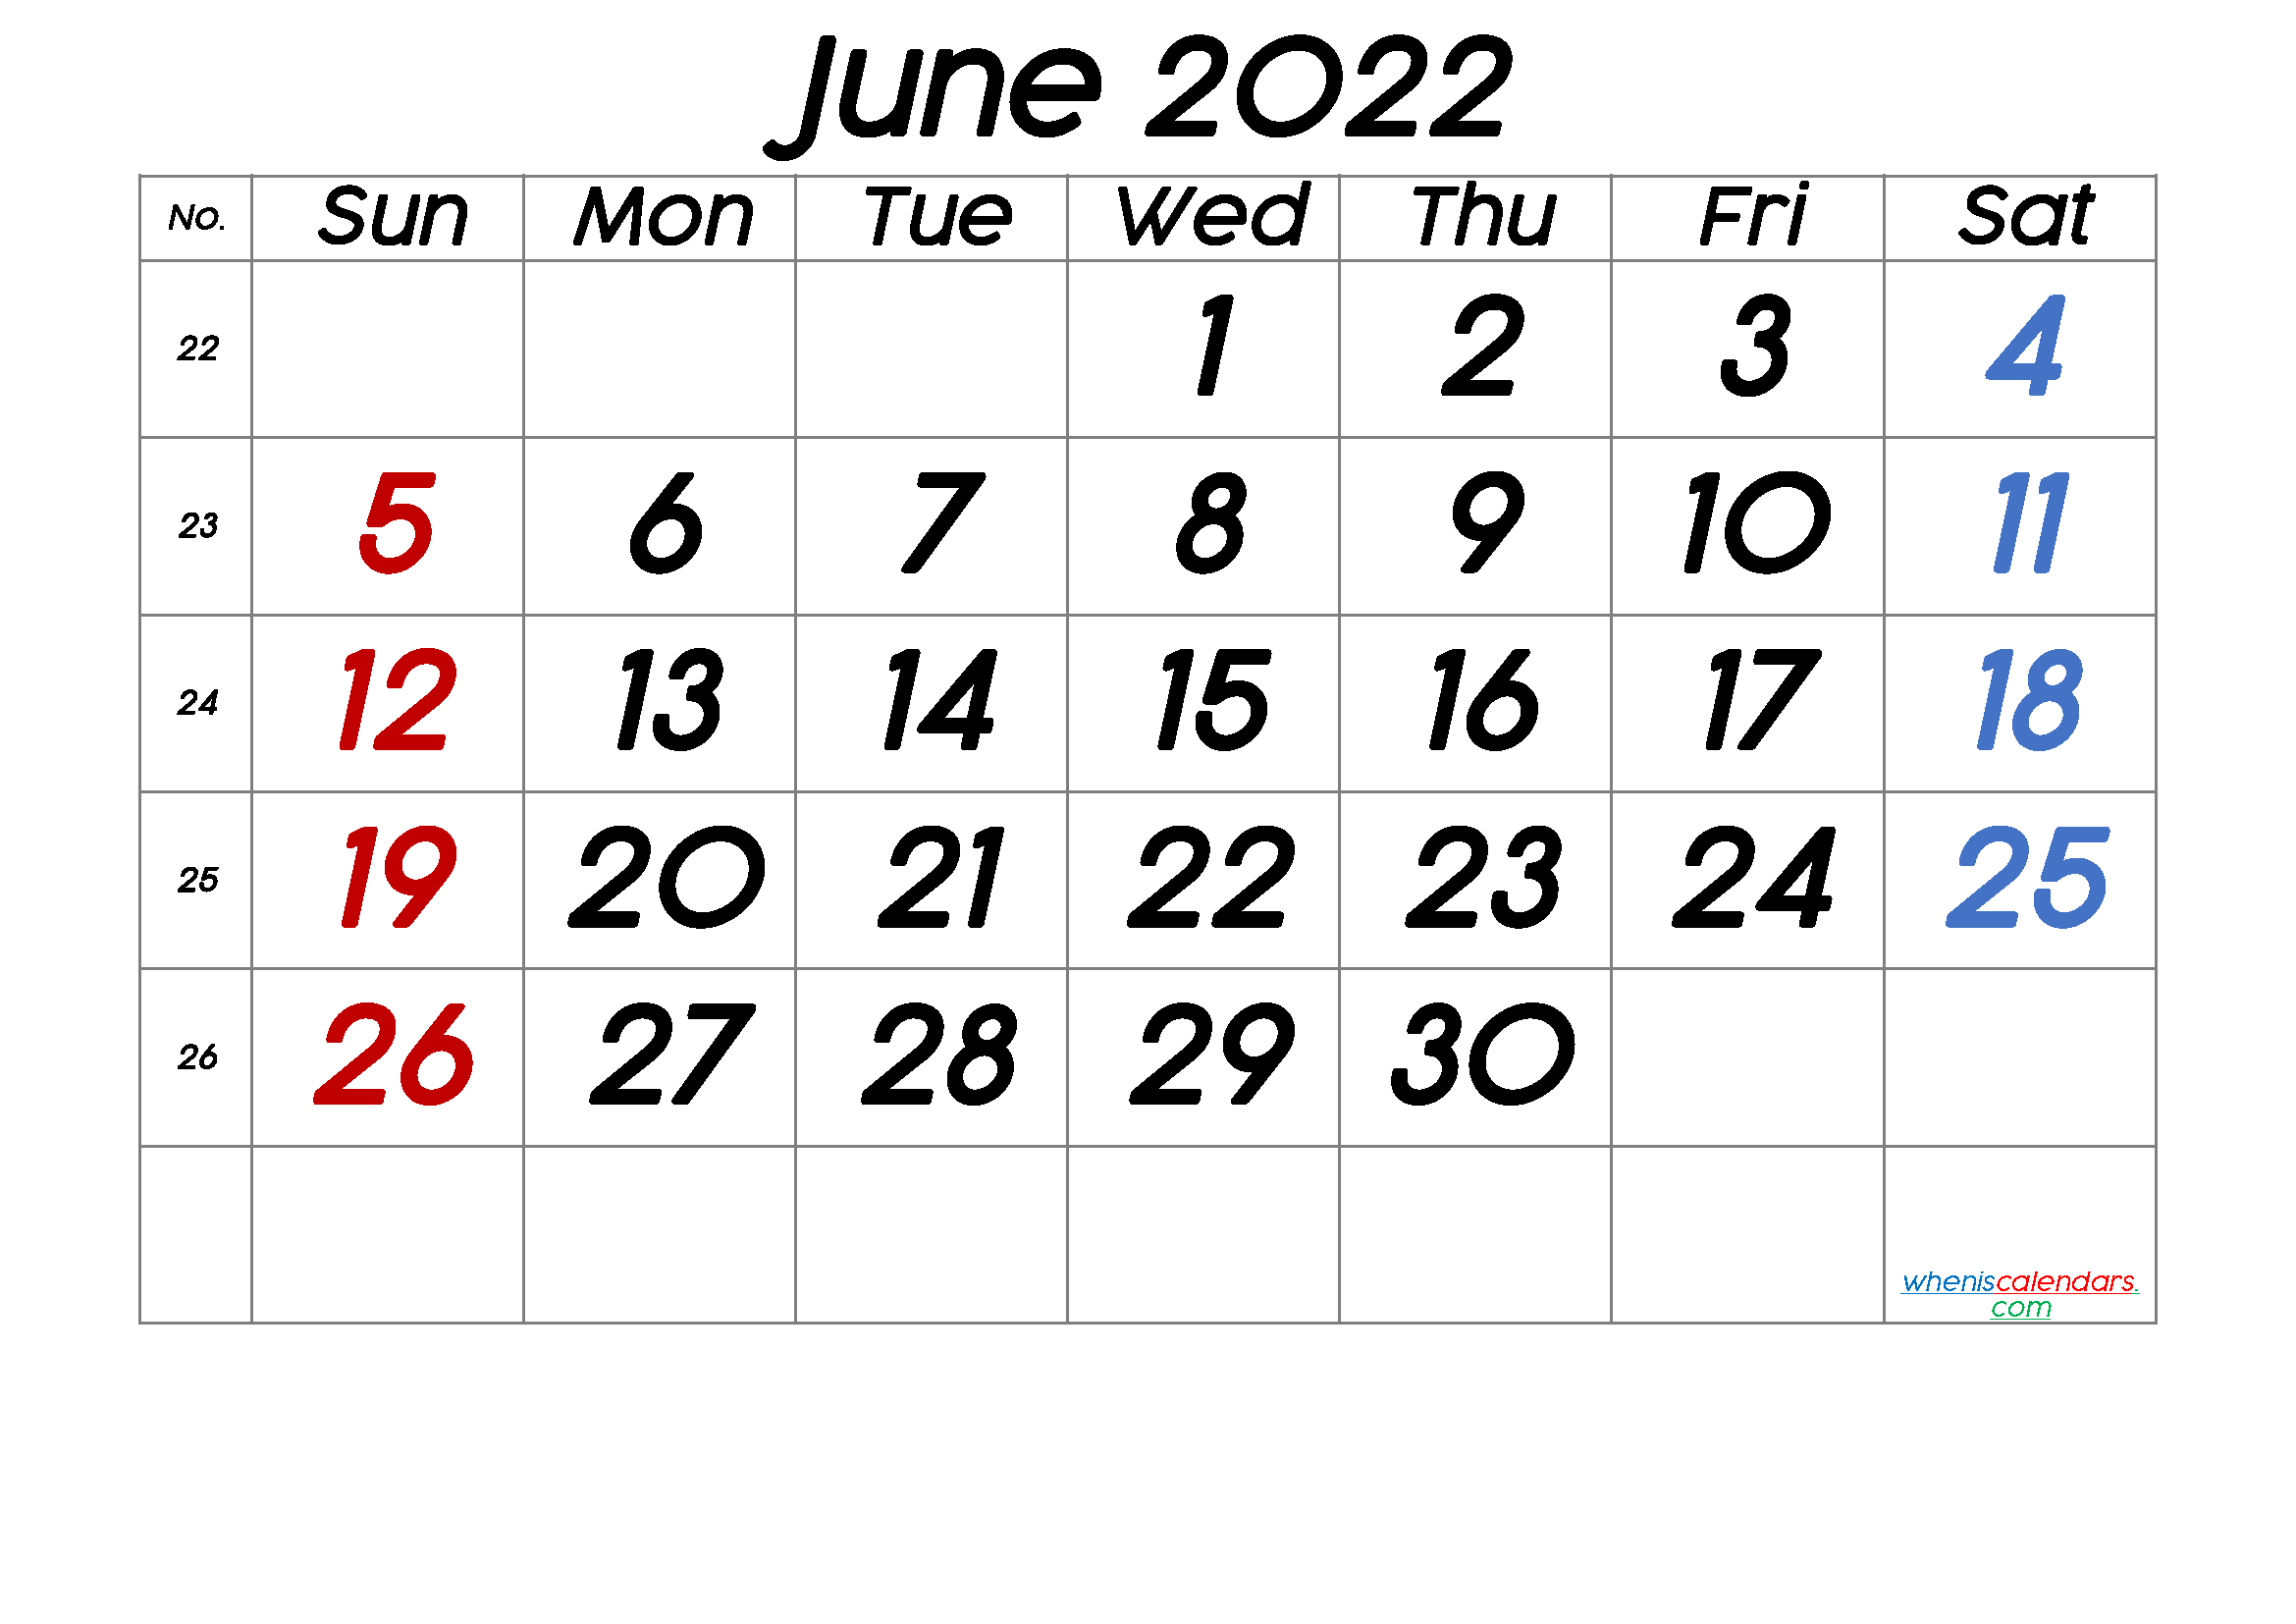 Printable Calendar June 2022 - 6 Templates In 2020